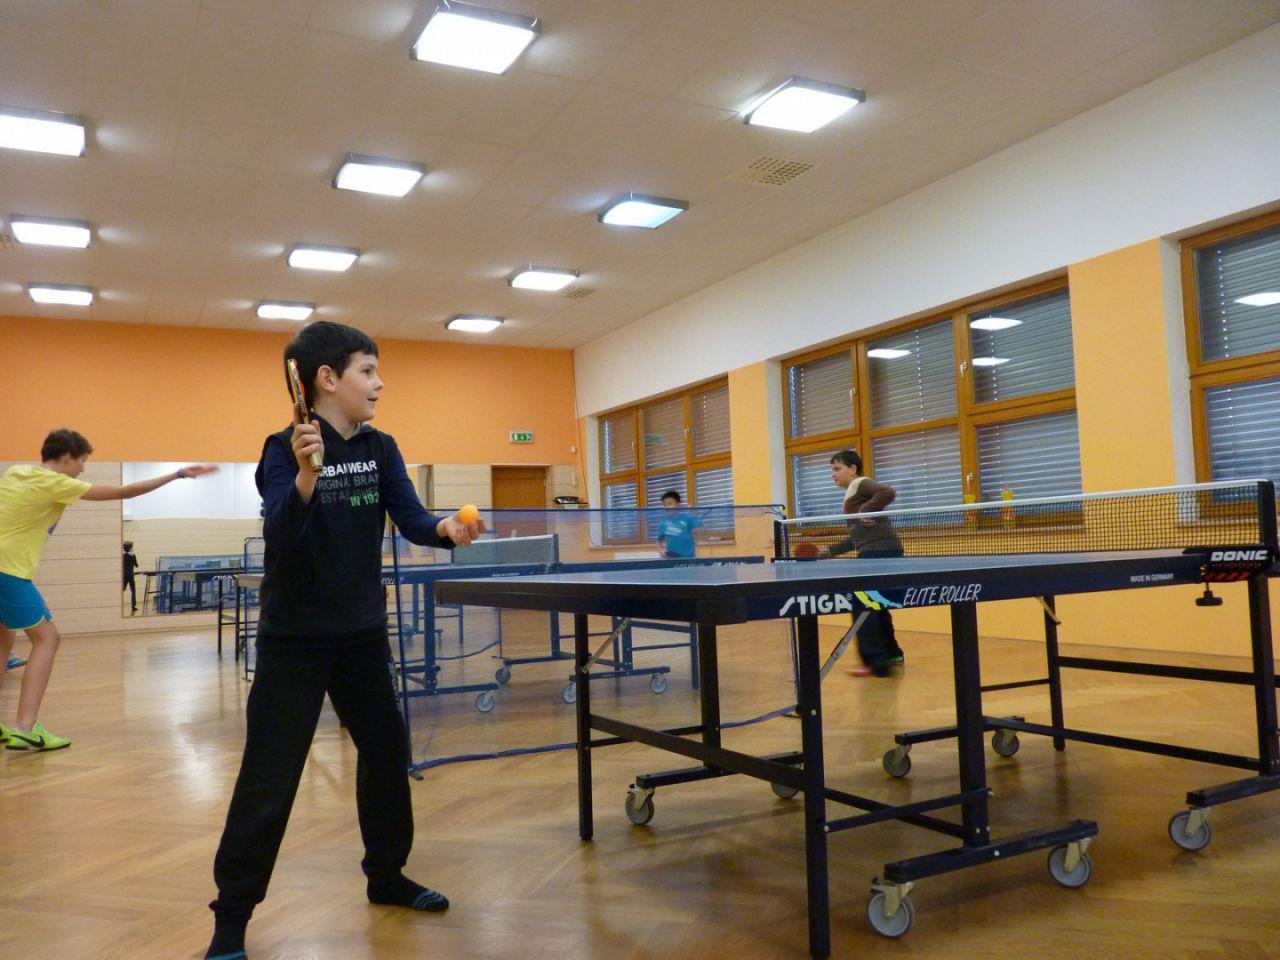 <a href=https://www.salesko.cz/prvni-rocnik-pingpongoveho-turnaje-oratore/ title='První ročník pingpongového turnaje Oratoře'>První ročník pingpongového turnaje Oratoře</a>